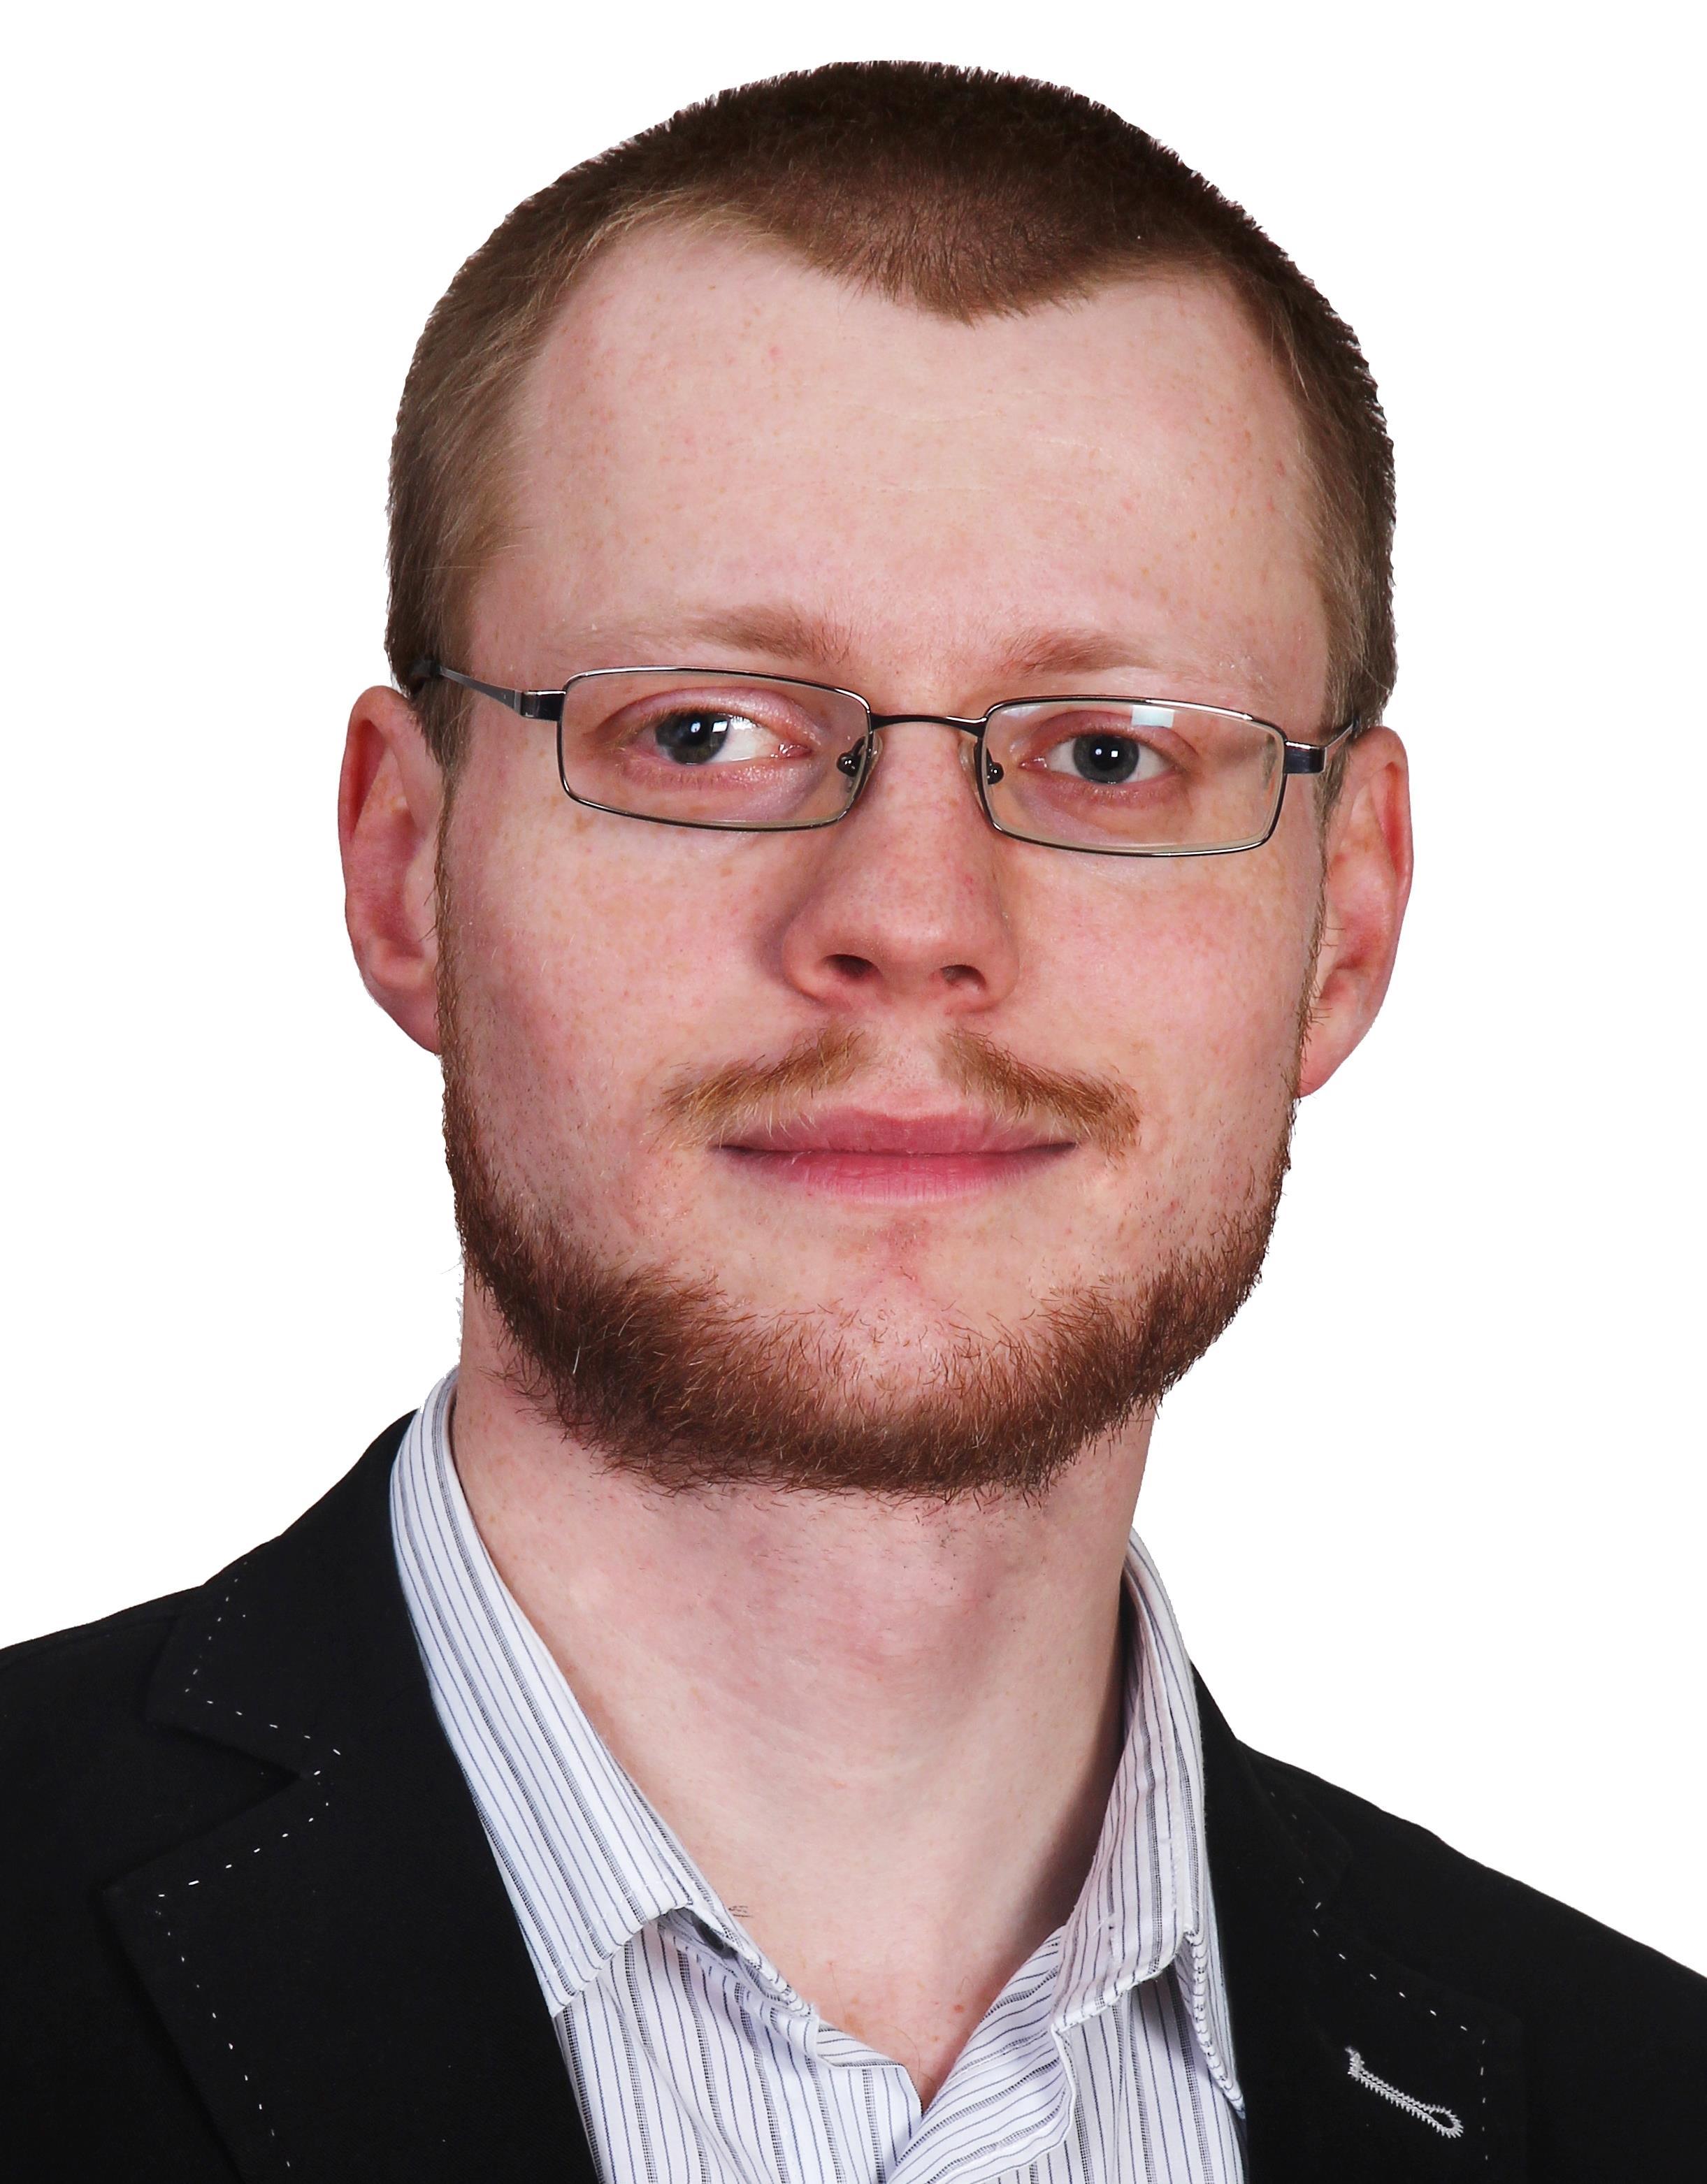 Schlosár, Rastislav